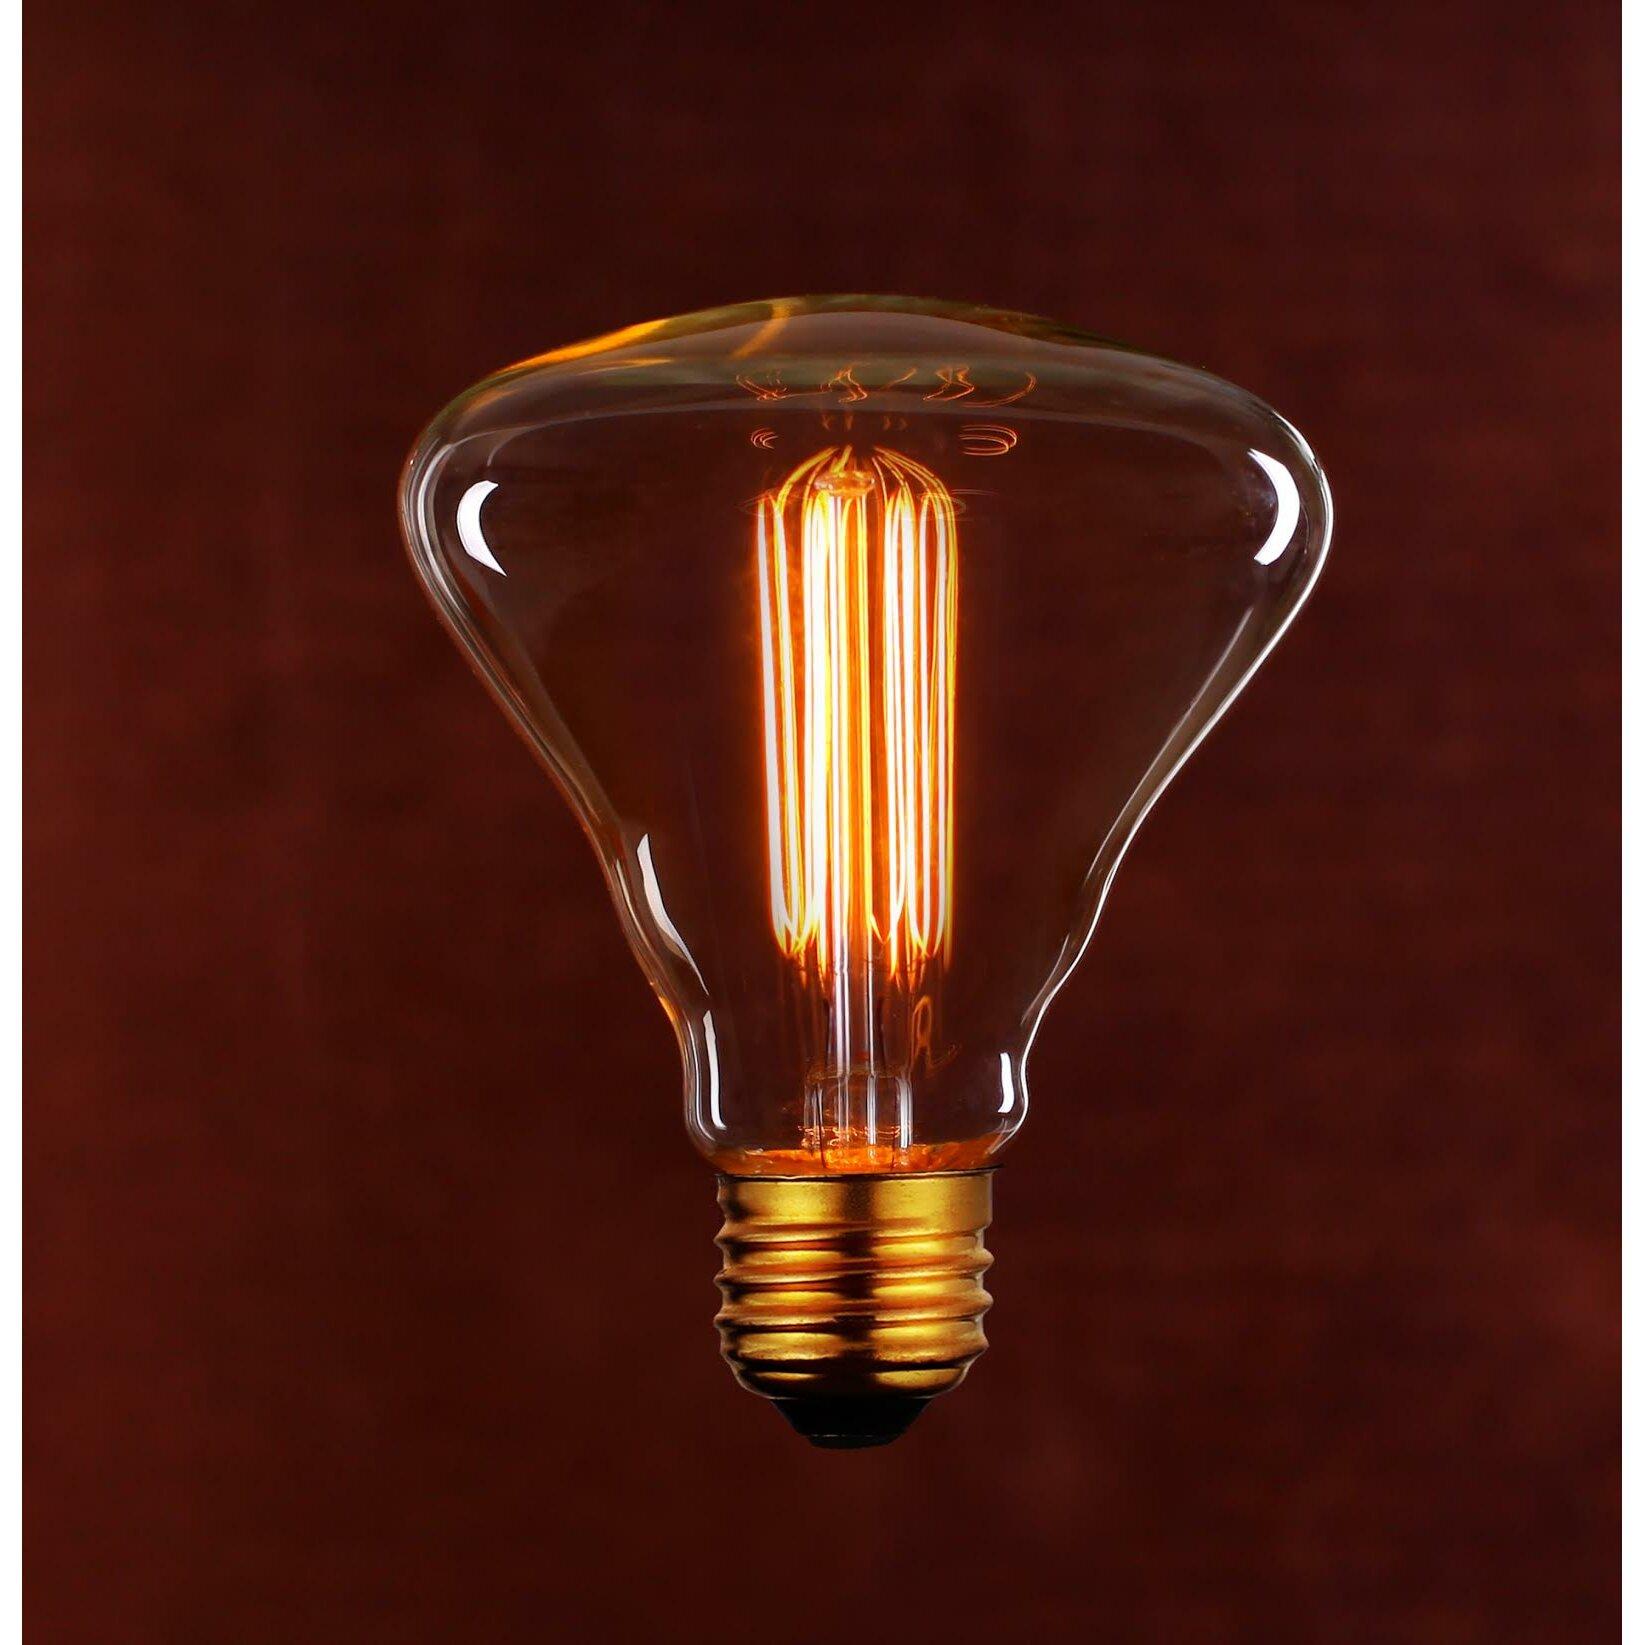 string light co incandescent light bulb pack of 6 reviews. Black Bedroom Furniture Sets. Home Design Ideas